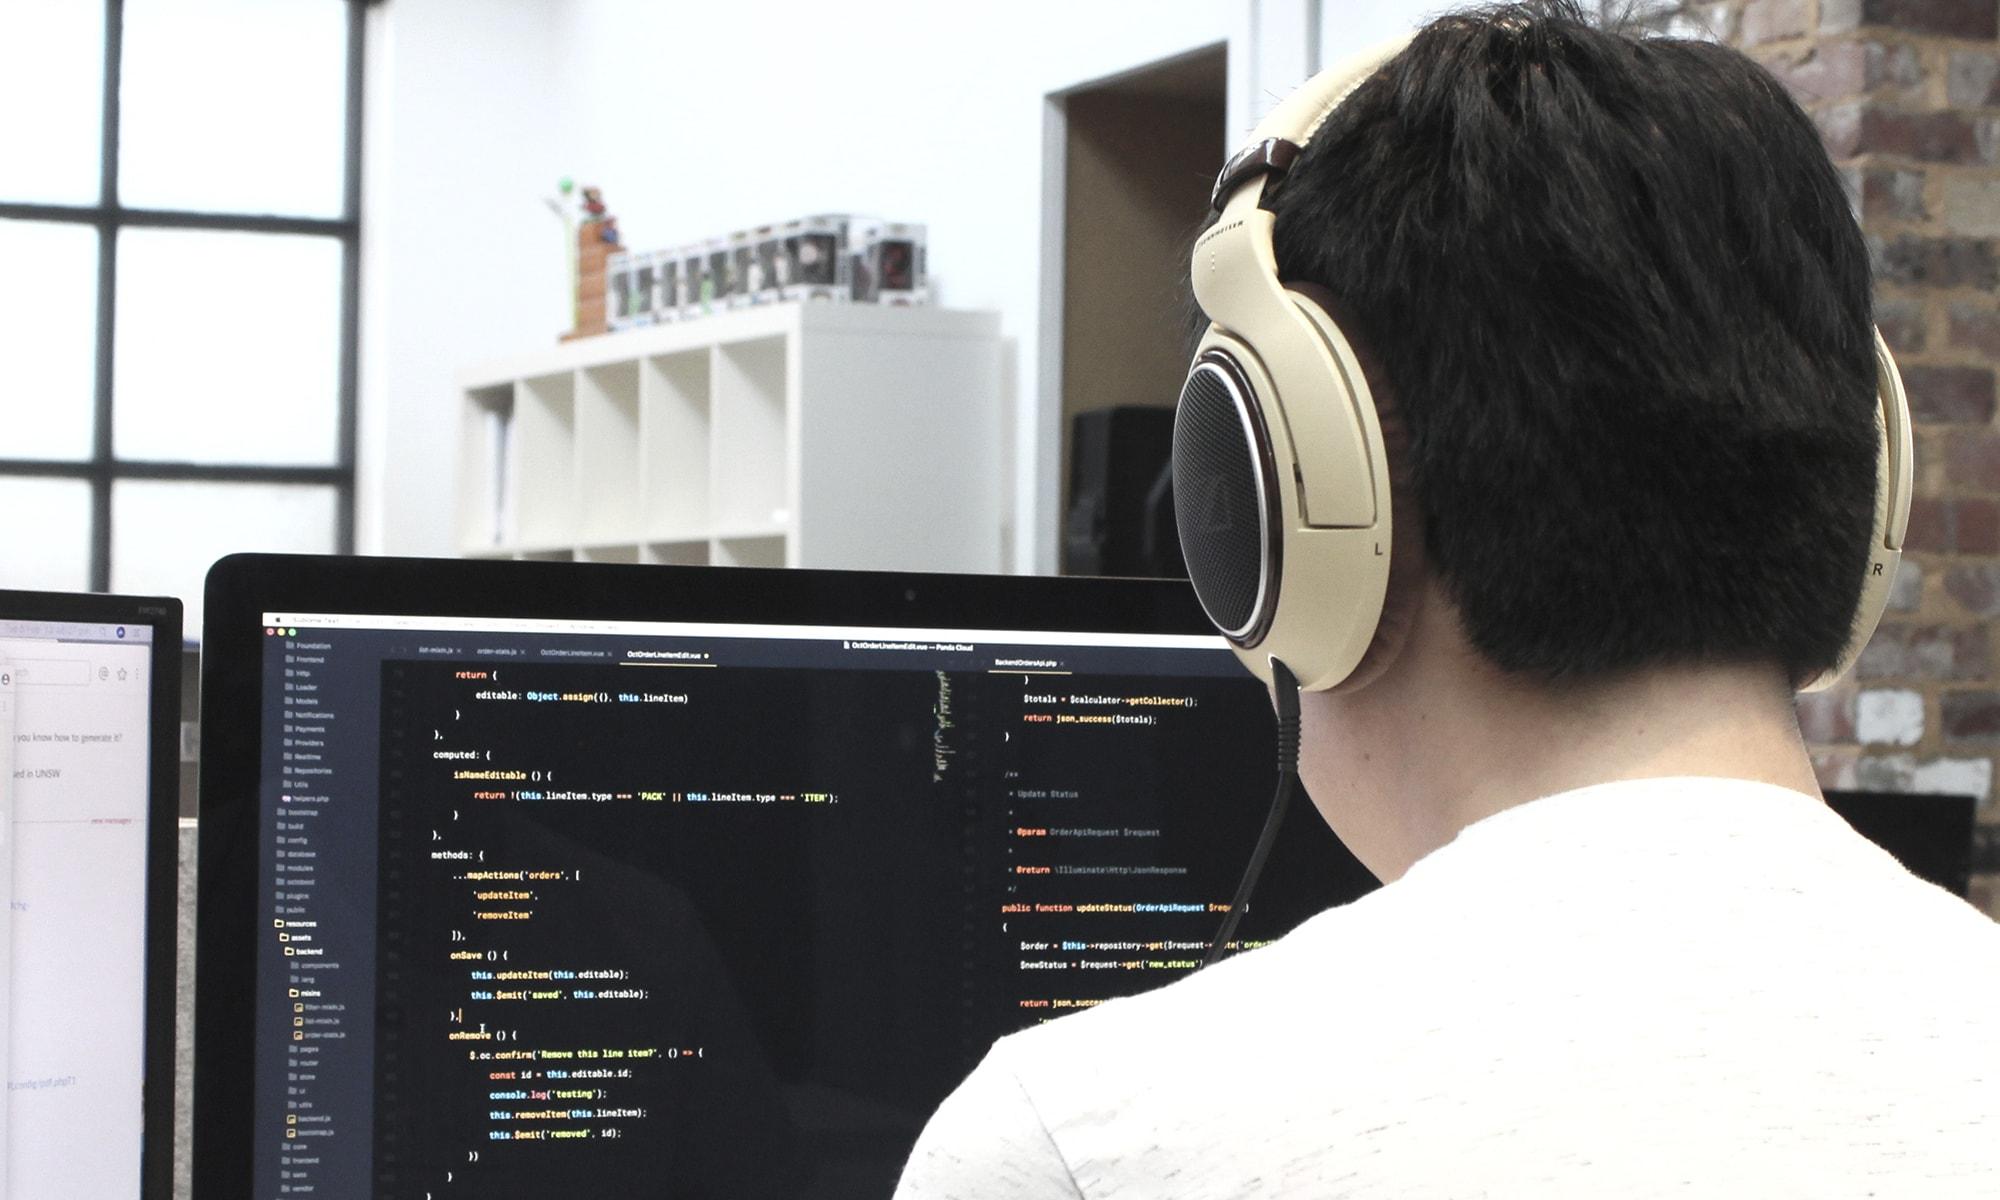 Aprende a crear este sistema de IA de forma muy sencilla utilizando la herramienta QA Maker